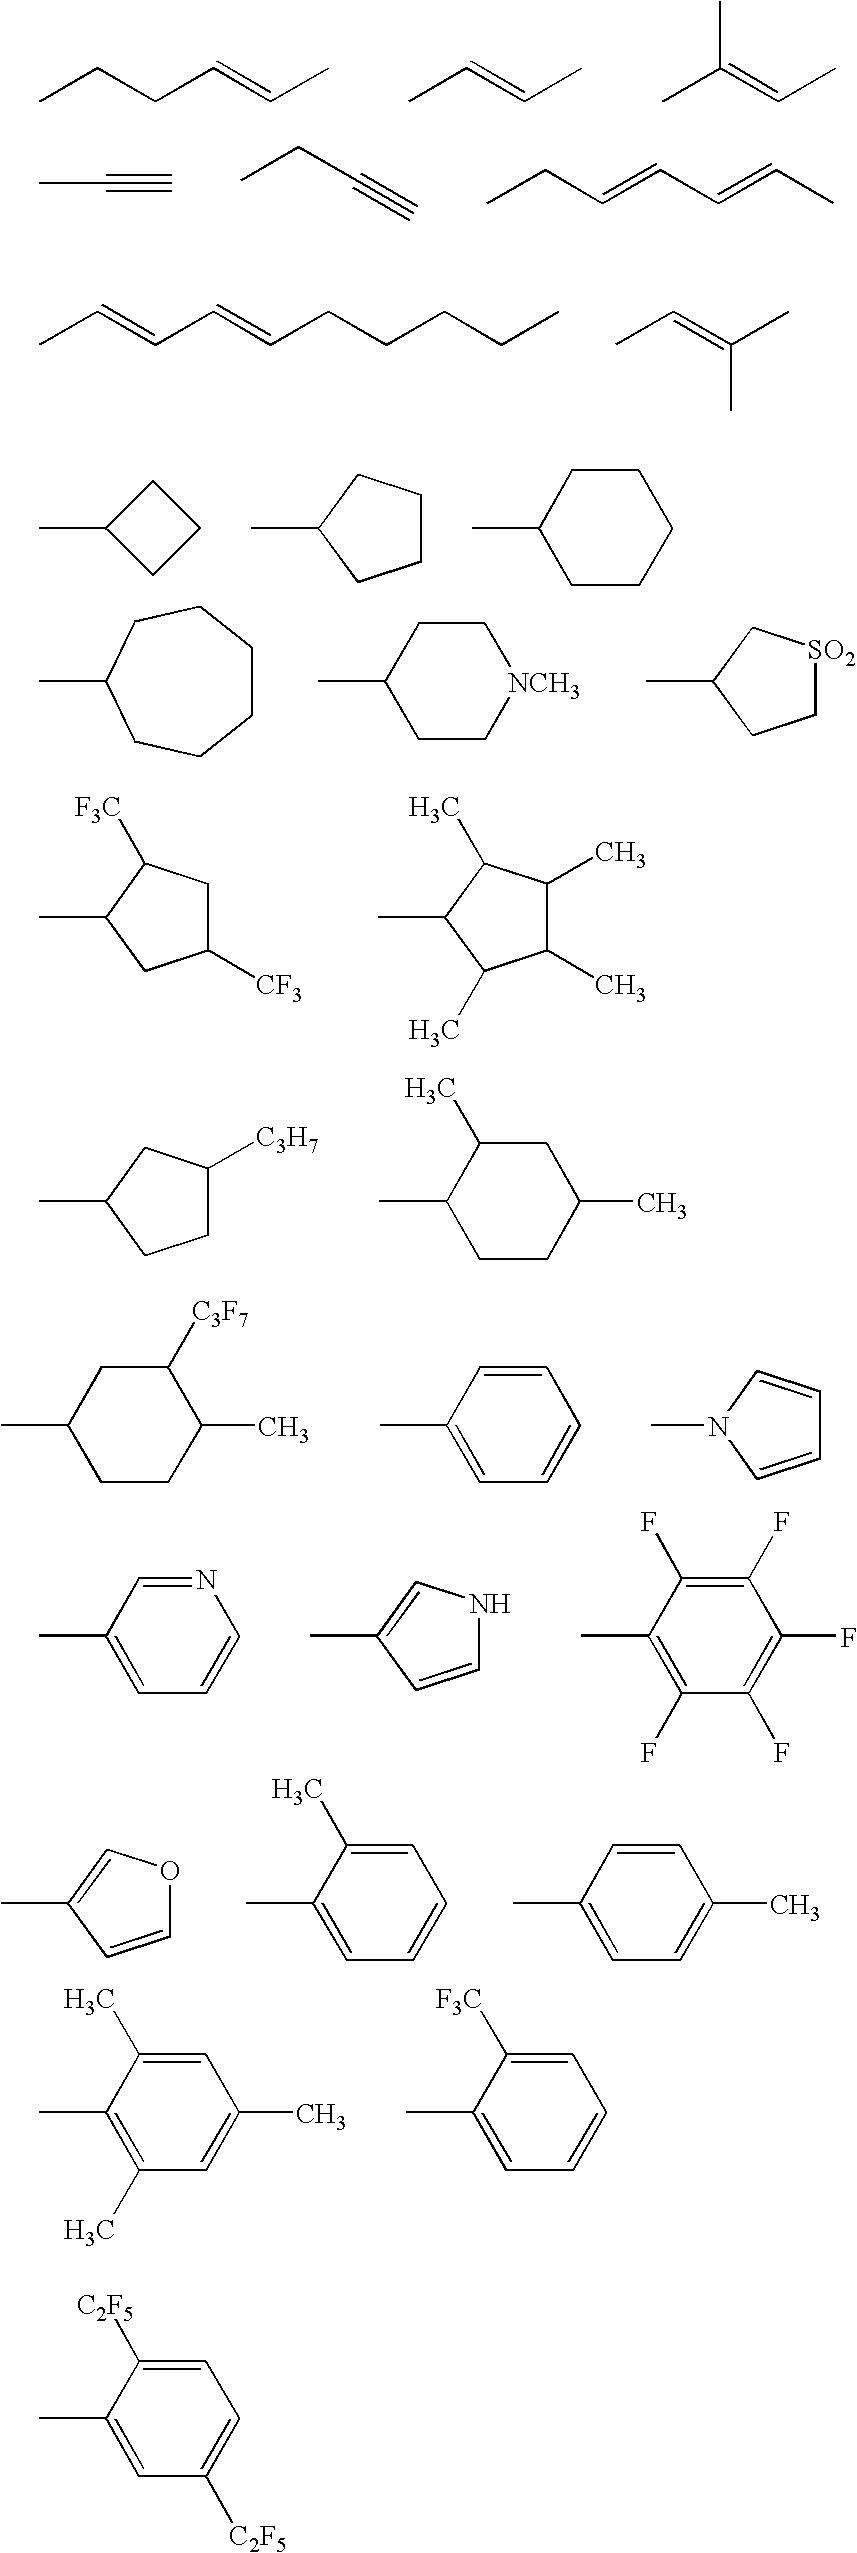 Figure US20070135645A1-20070614-C00009